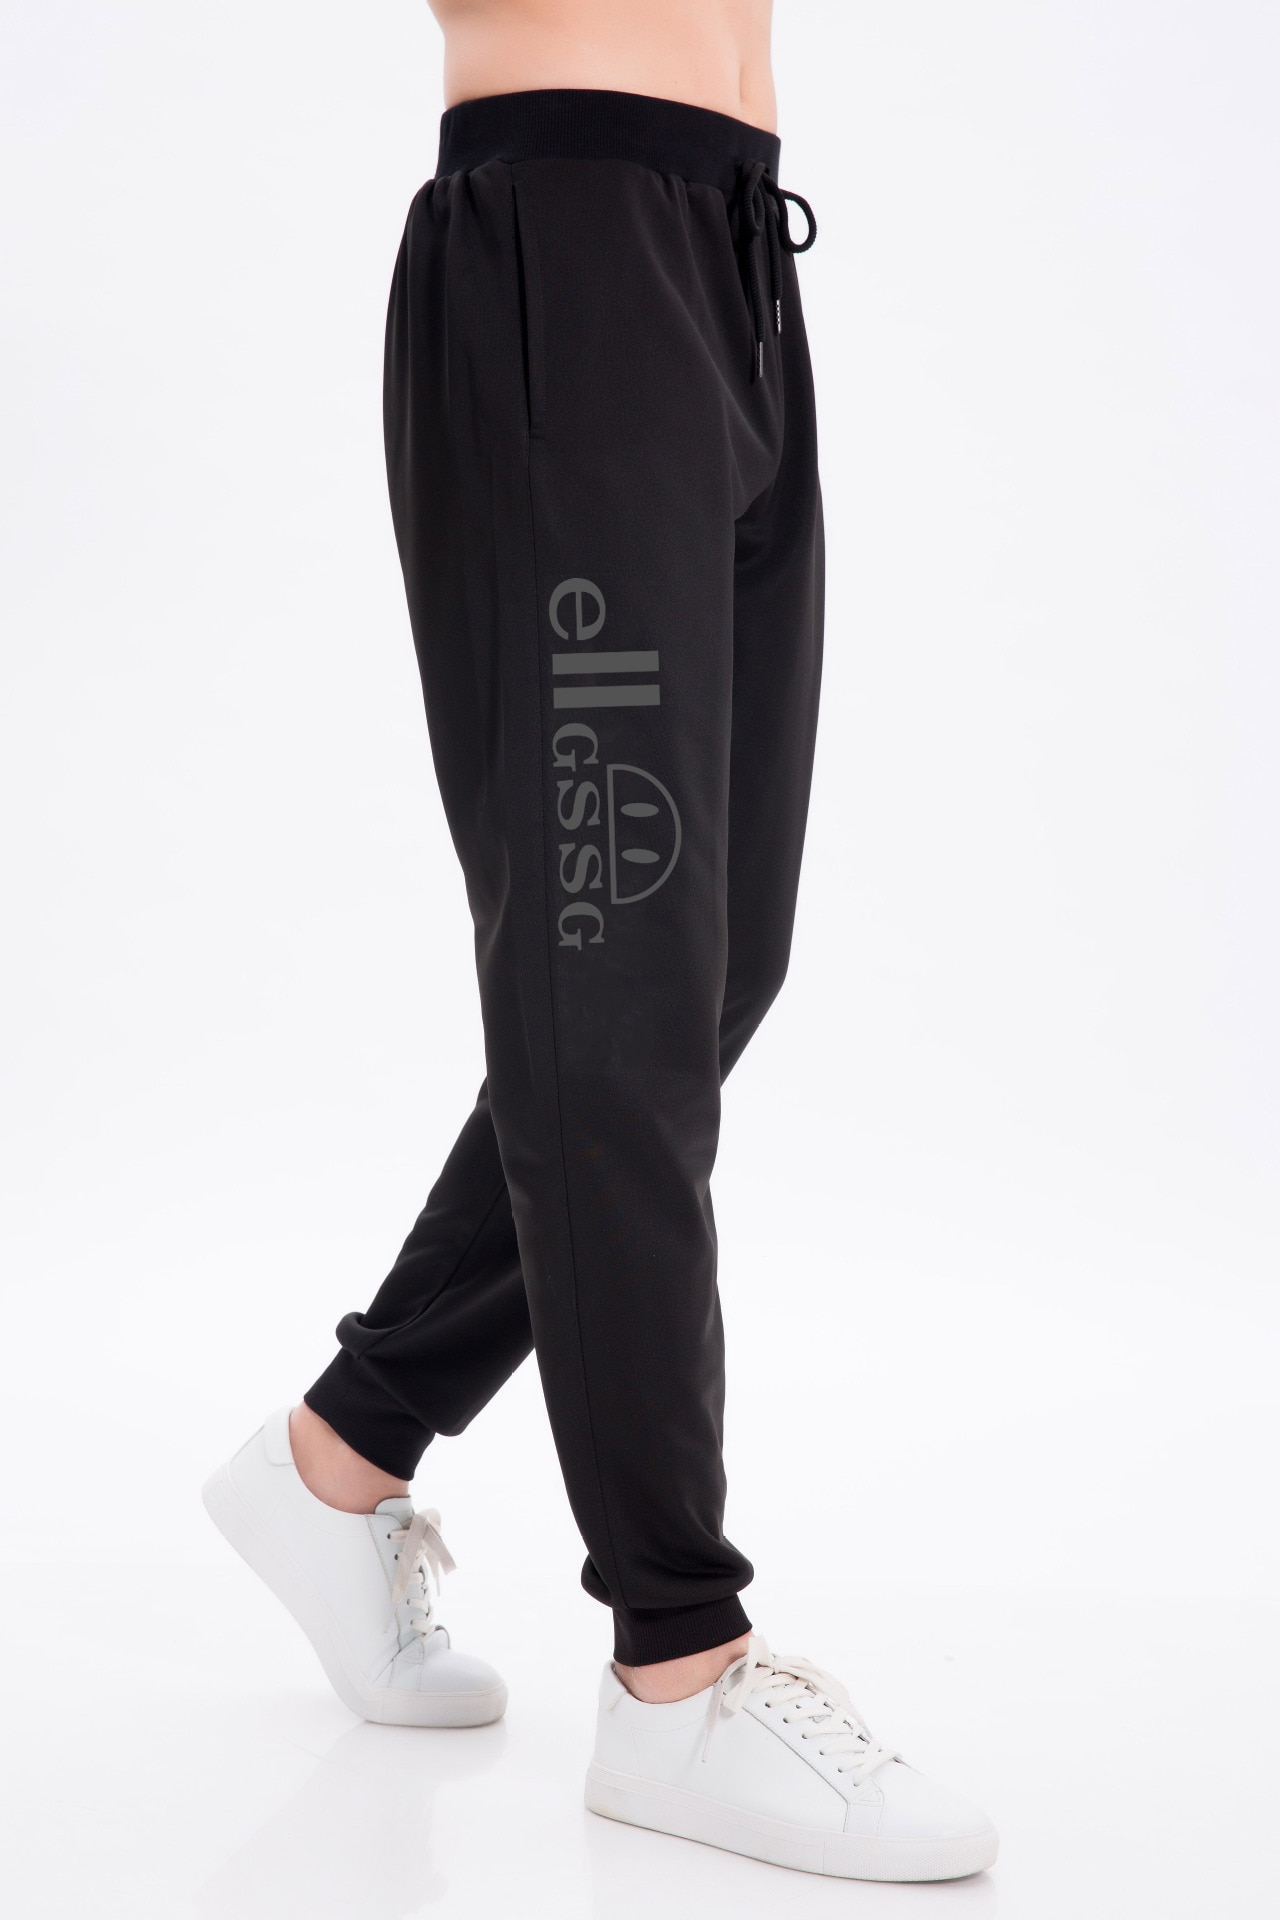 Мужские спортивные штаны, серые тренировочные штаны для спортзала, одежда для бодибилдинга, 2021